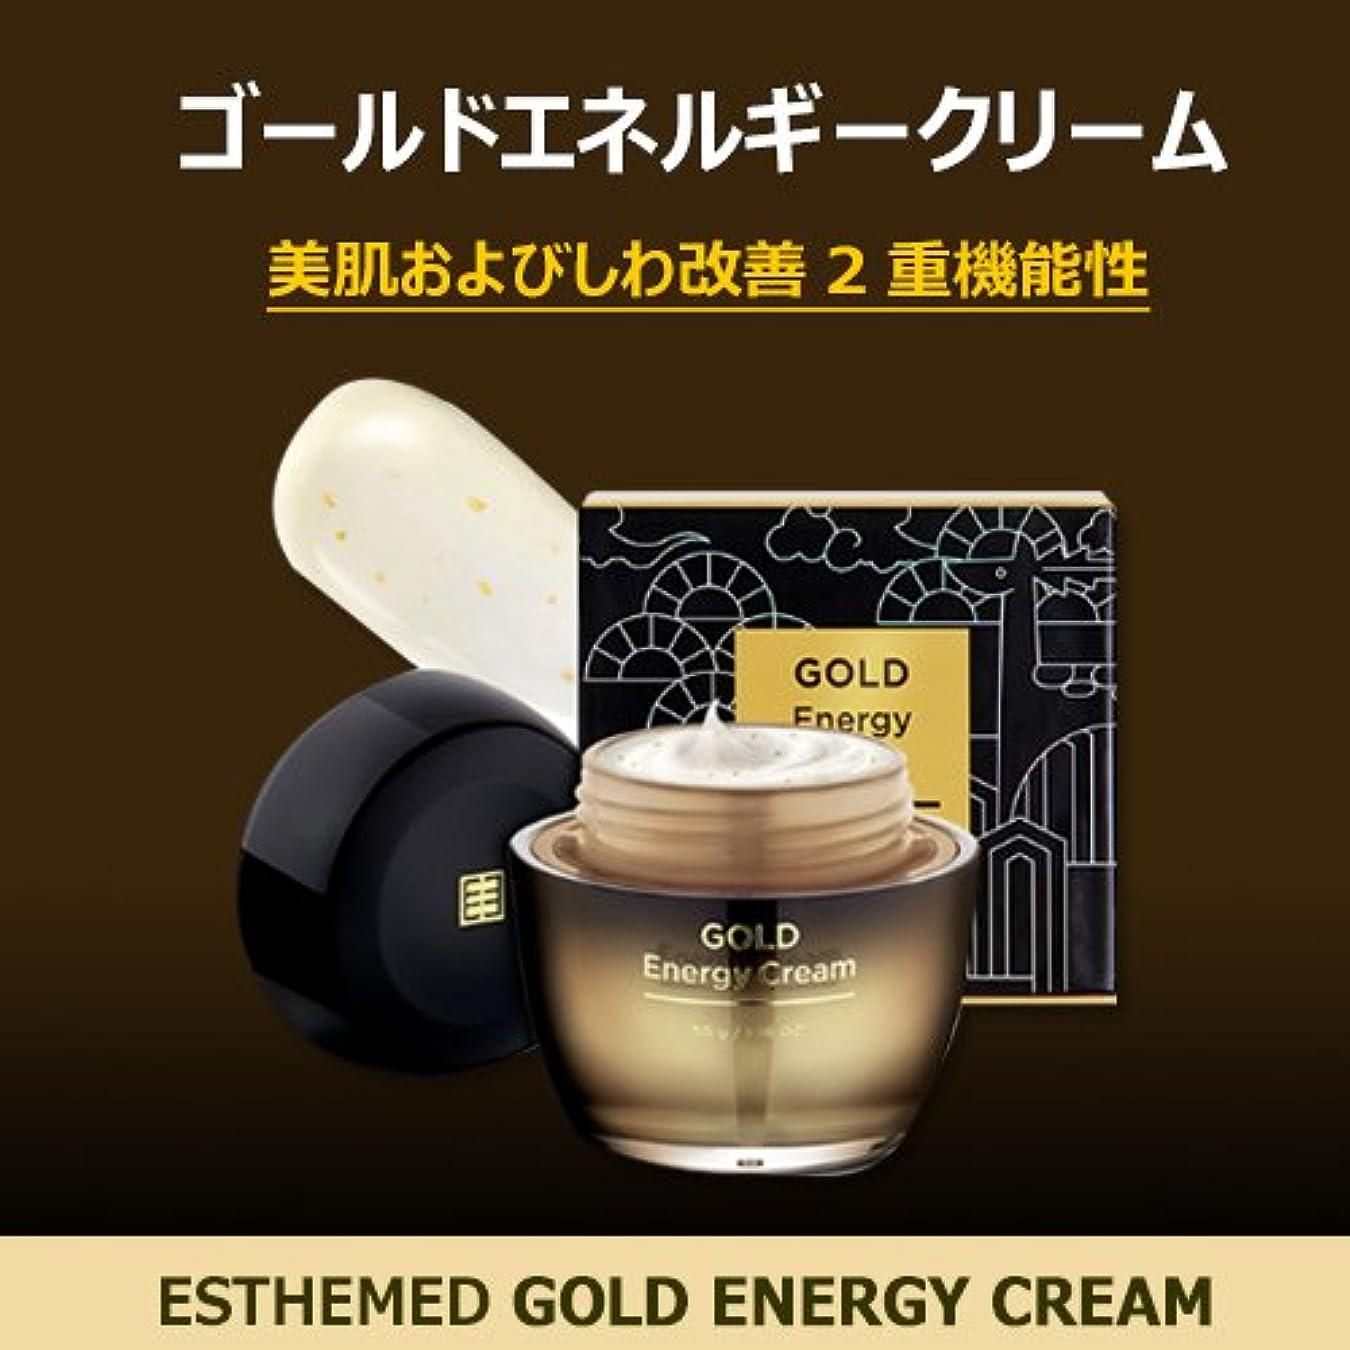 不正確微弱満員ESTHEMED エステメド ゴールド エネルギー クリーム GOLD Energy Cream 50g 【 シワ改善 美肌 保湿 回復 韓国コスメ 】